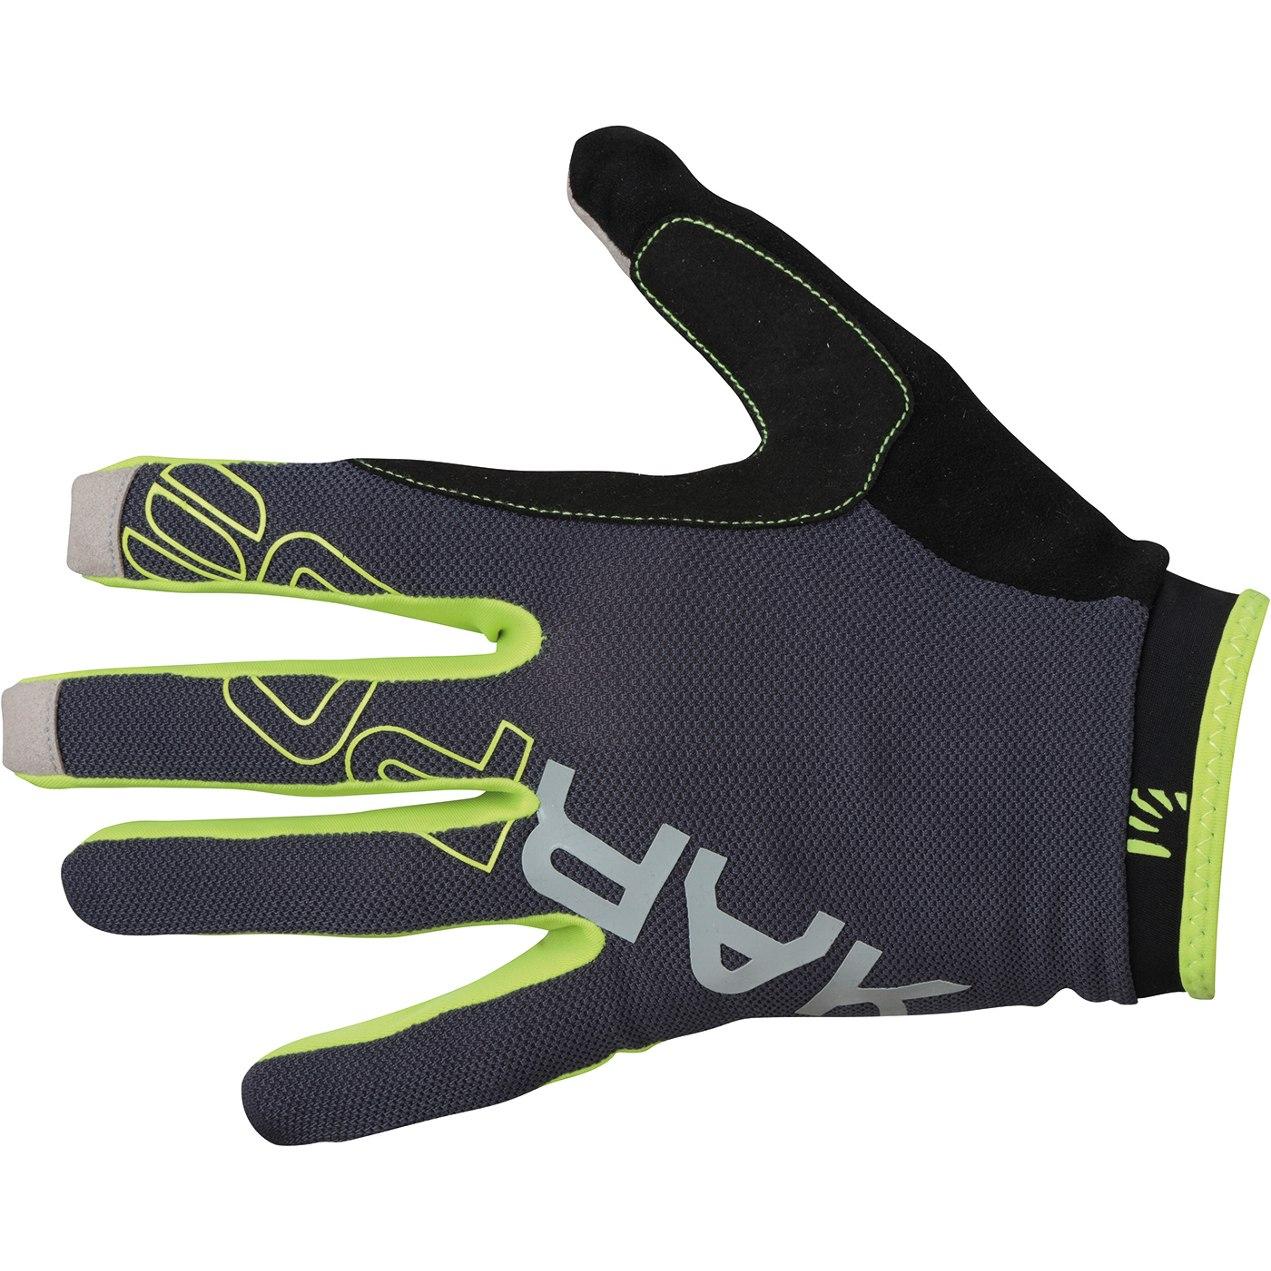 Karpos Rapid Gloves - dark grey/green